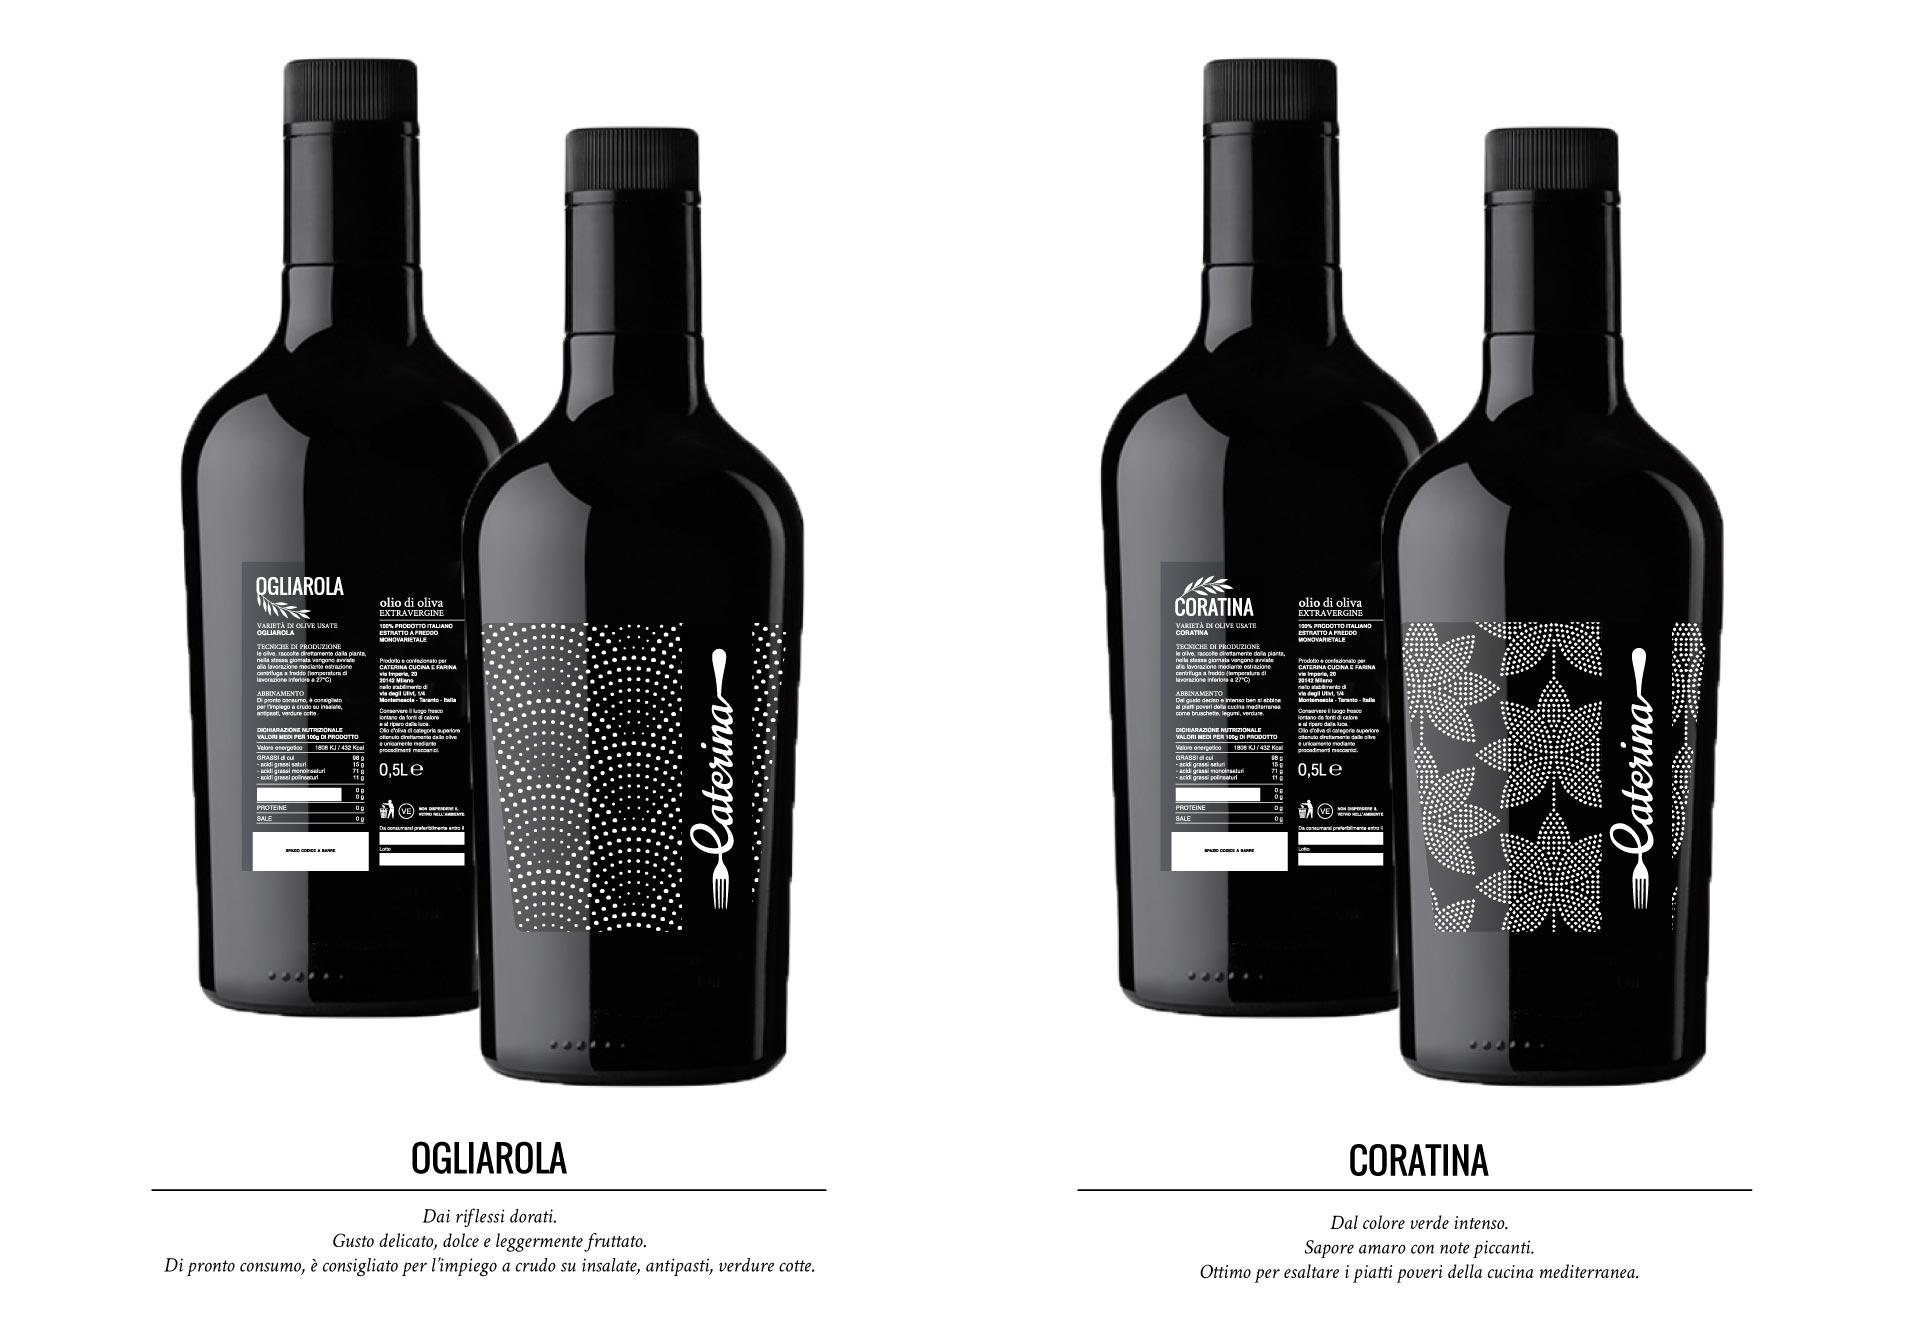 Bottiglie-olio-edizione-limitata-01